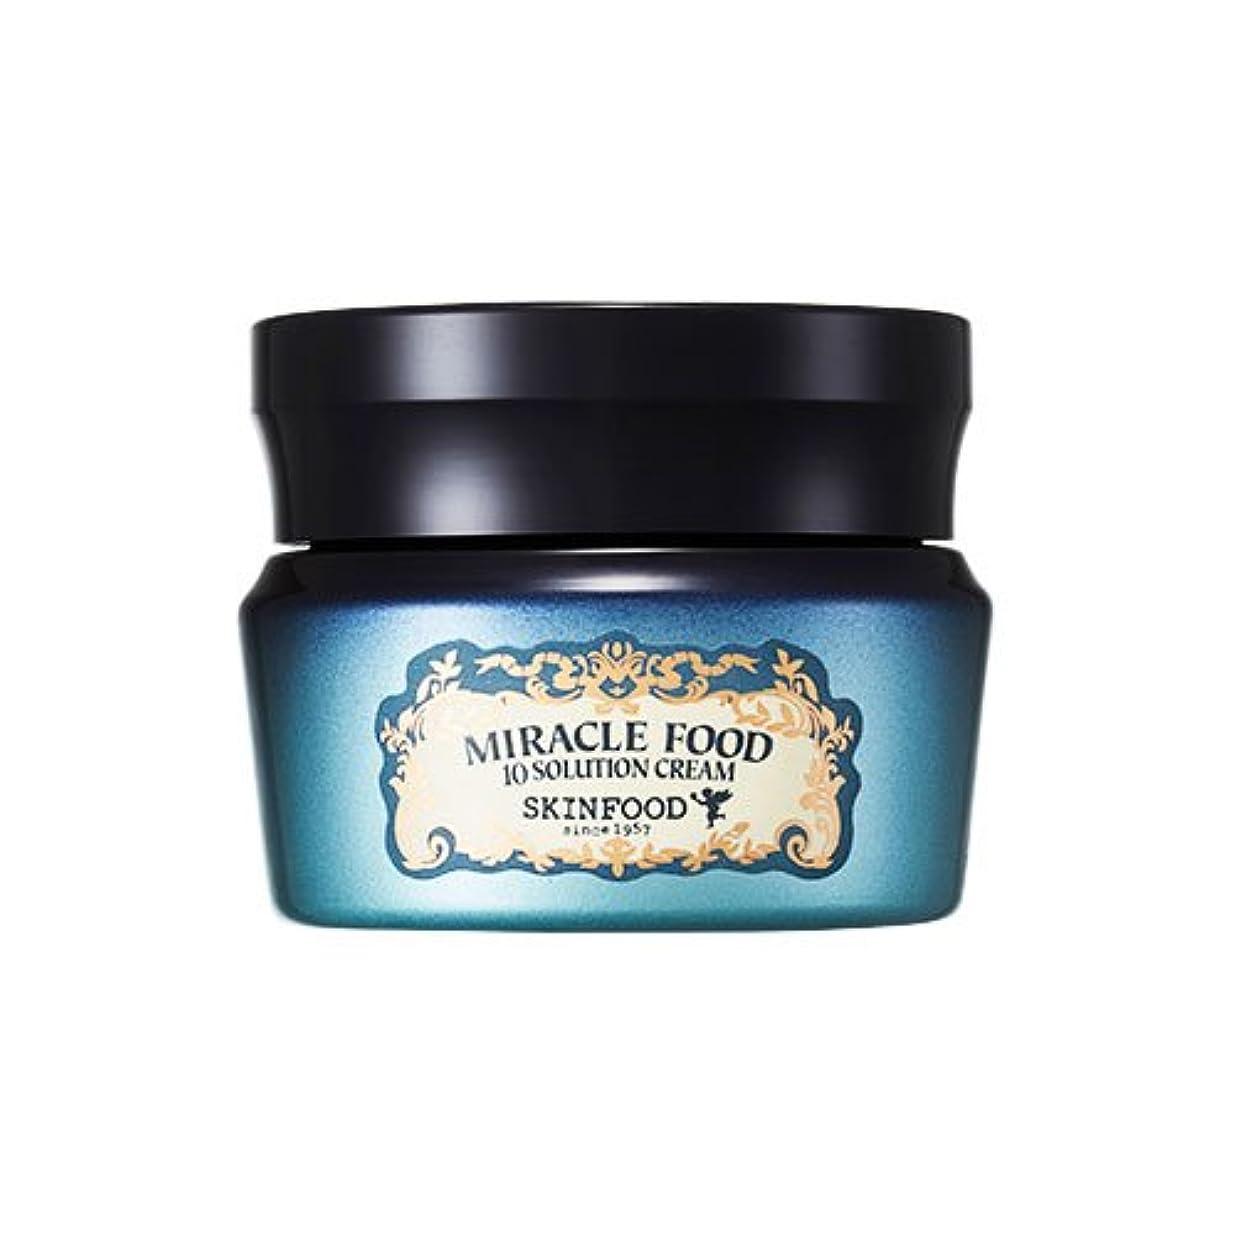 別に壊す時期尚早Skinfood ミラクルフード10ソリューションクリーム(美白効果としわ防止効果) / Miracle Food 10 Solution Cream (Skin-Brightening and Anti-Wrinkle...